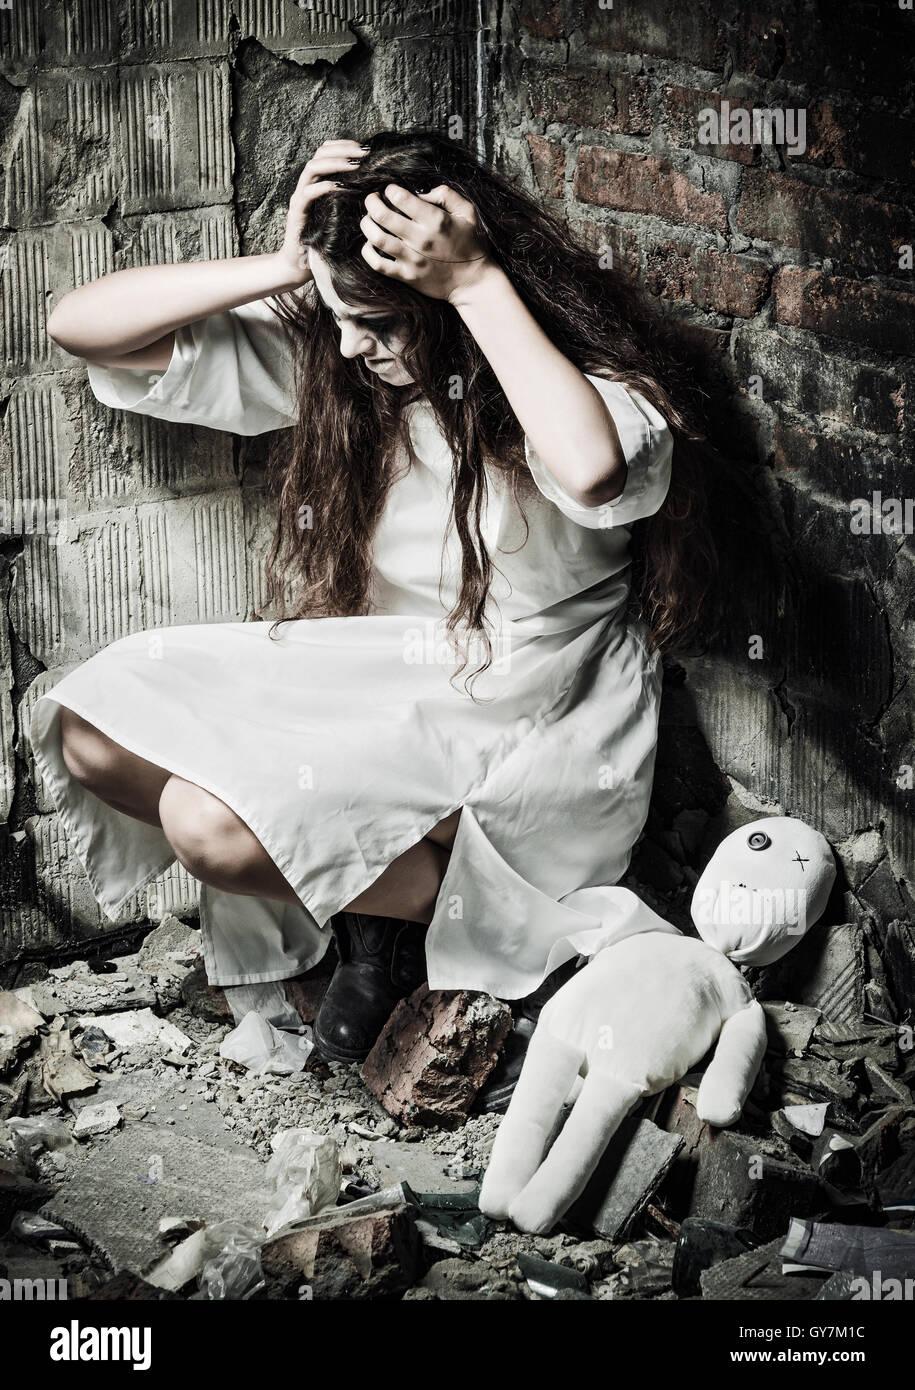 Stile horror girato: la strana crazy ragazza e la sua bambola moppet Immagini Stock